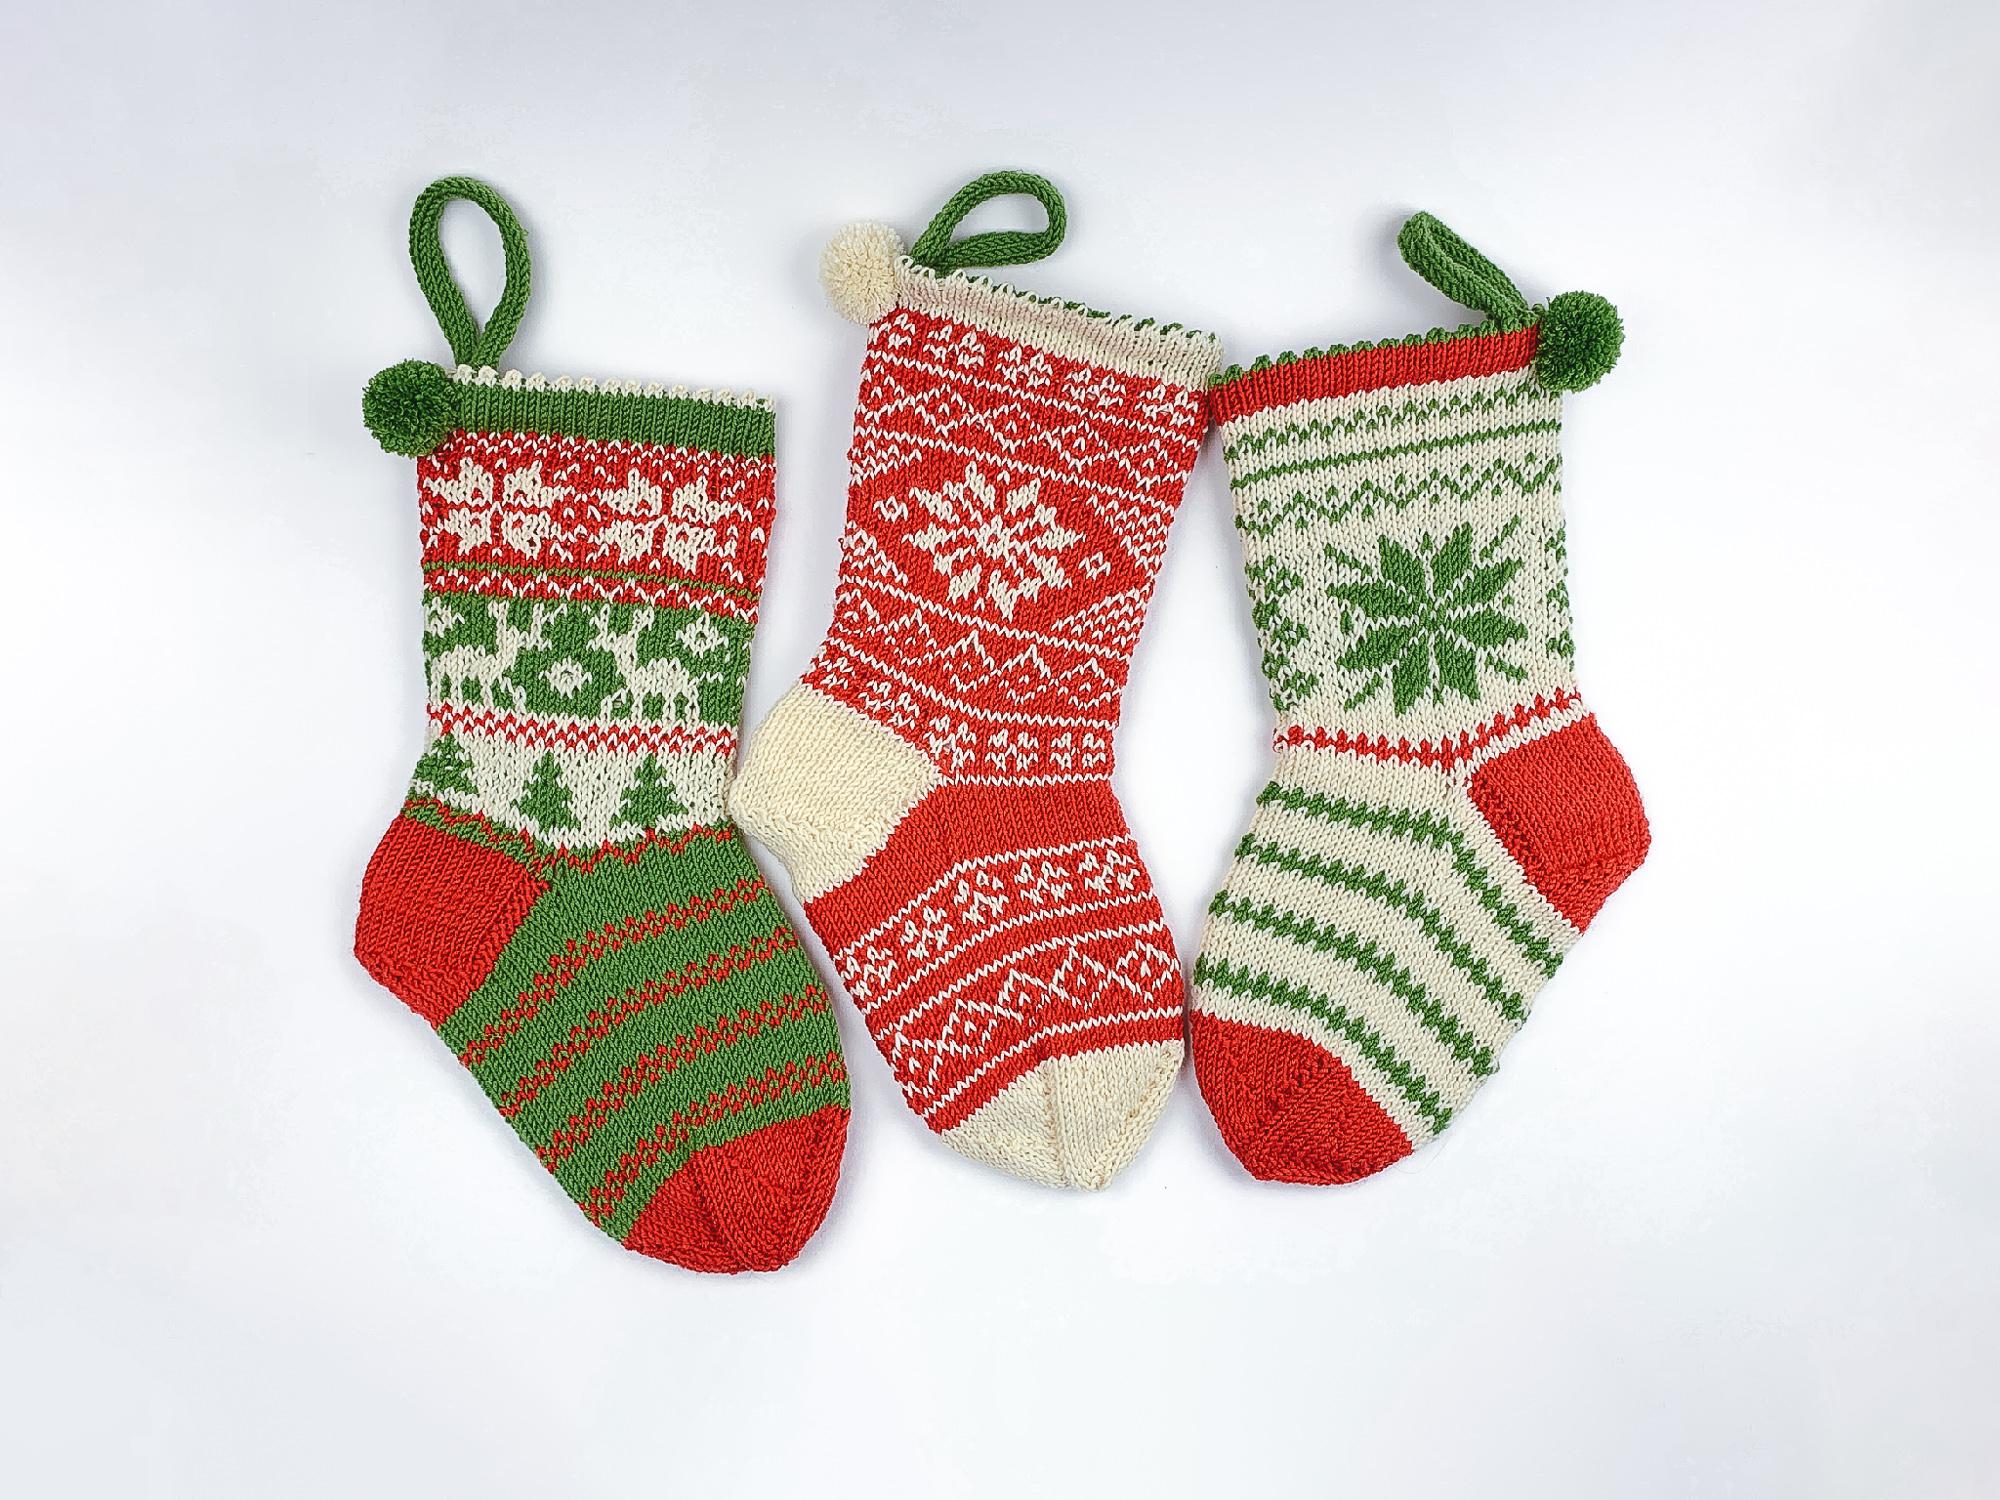 3x-weihnachtssocken-norwegermuster-stricken-anleitung